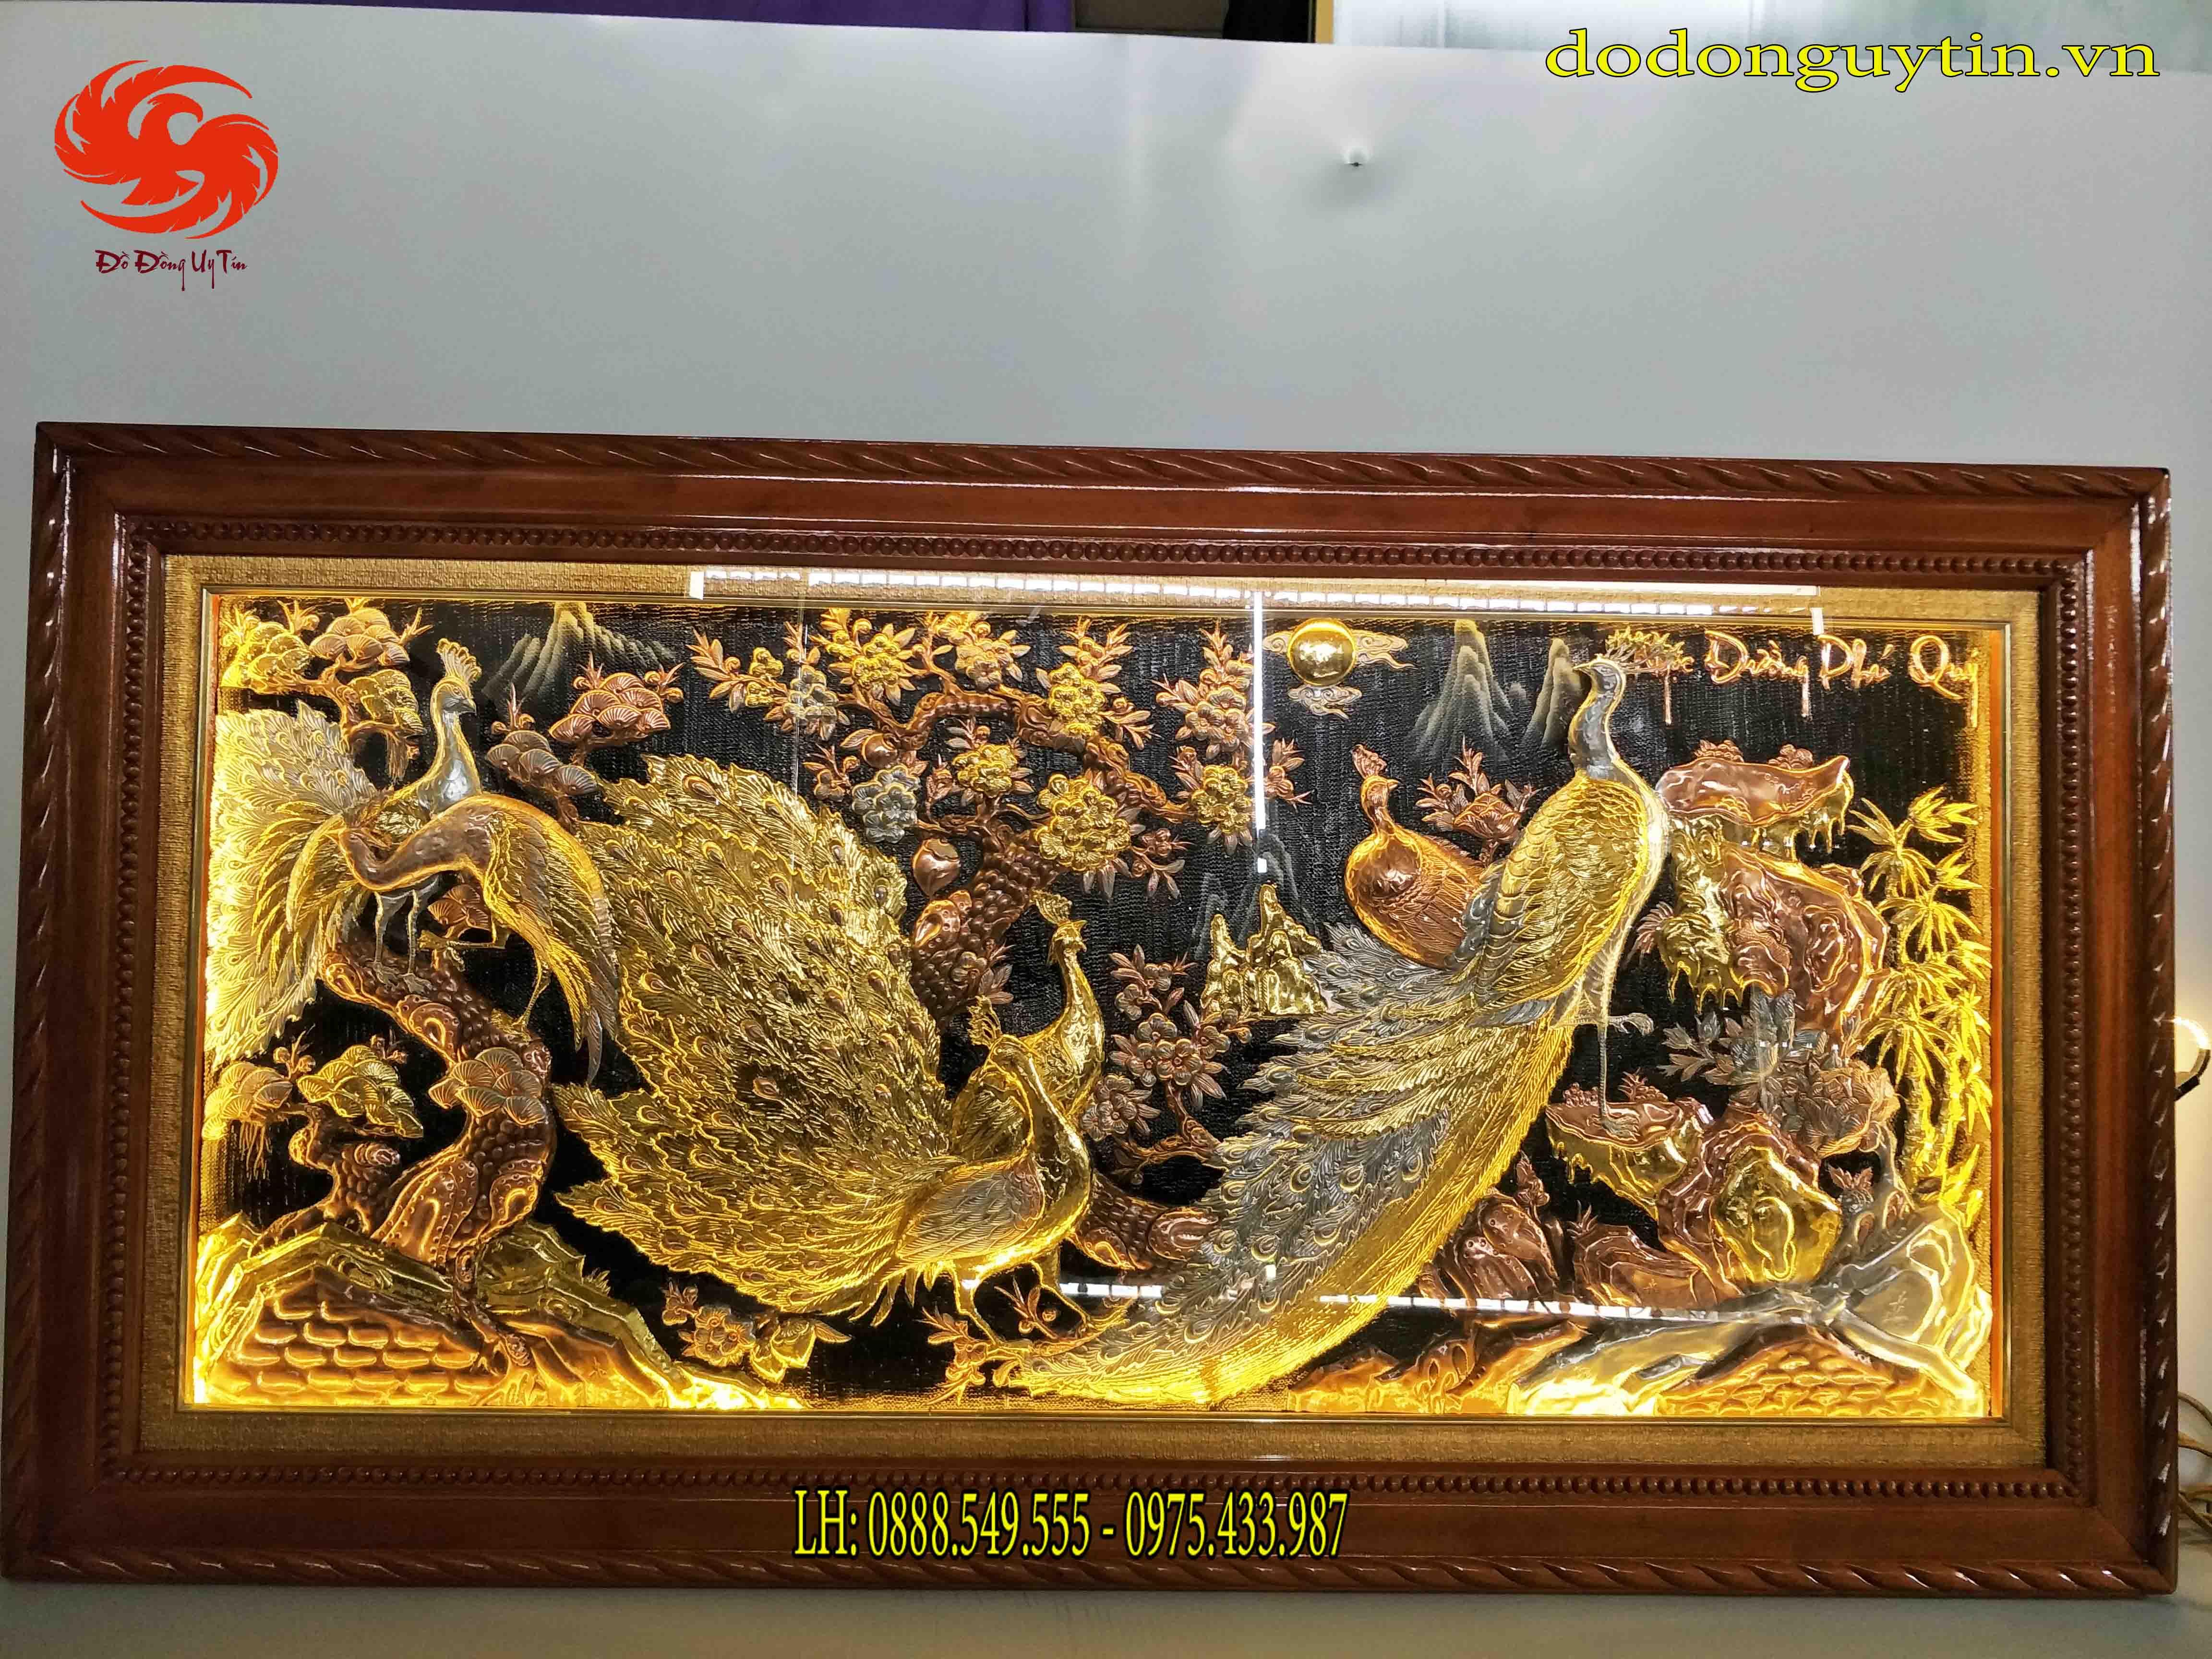 Tranh đồng Ngọc đường phú quý - Đồ đồng Uy tín